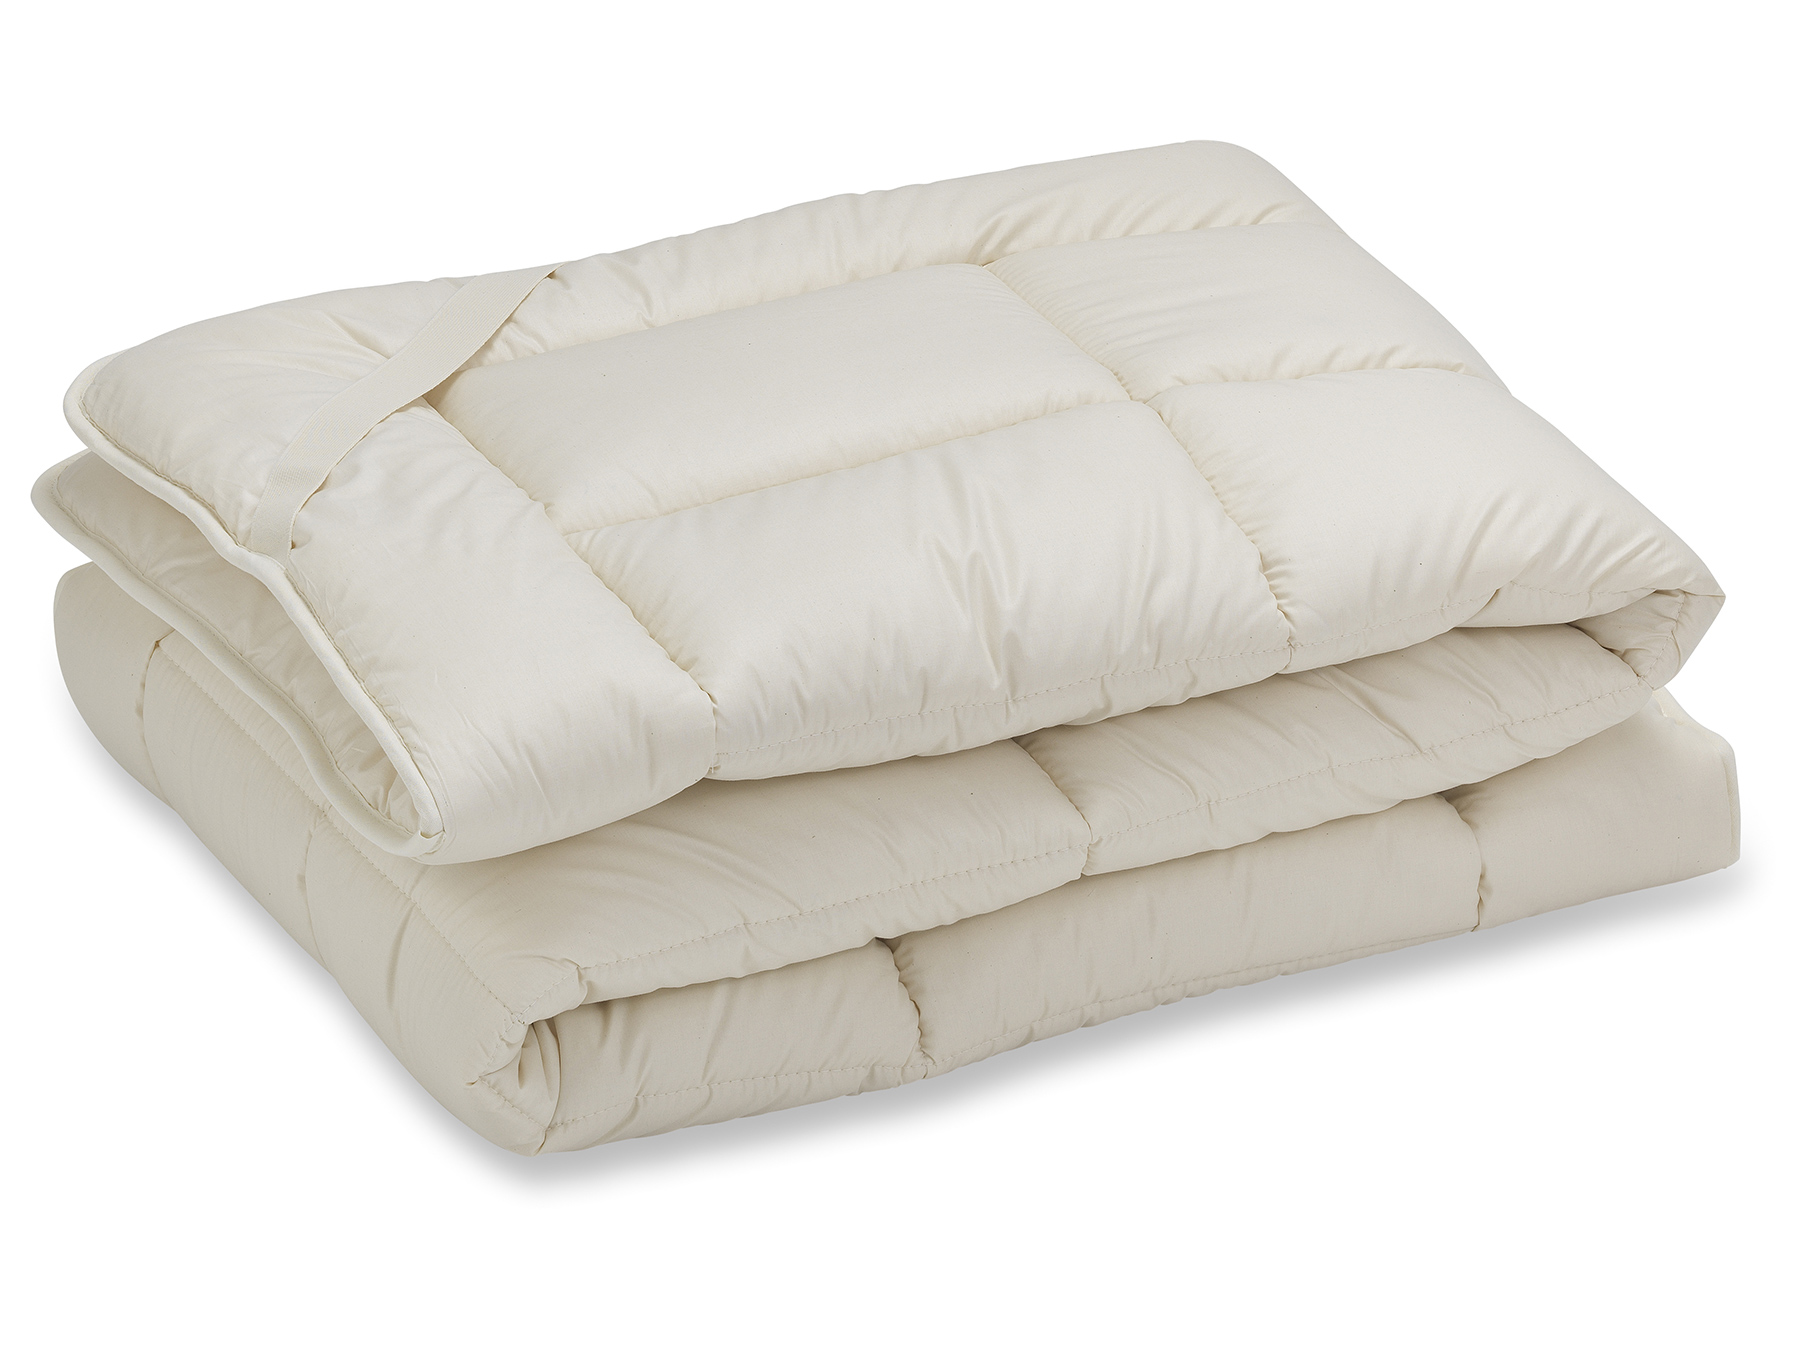 Unterbett aus wärmender Schafschurwolle kombiniert mit duftender Zirbe